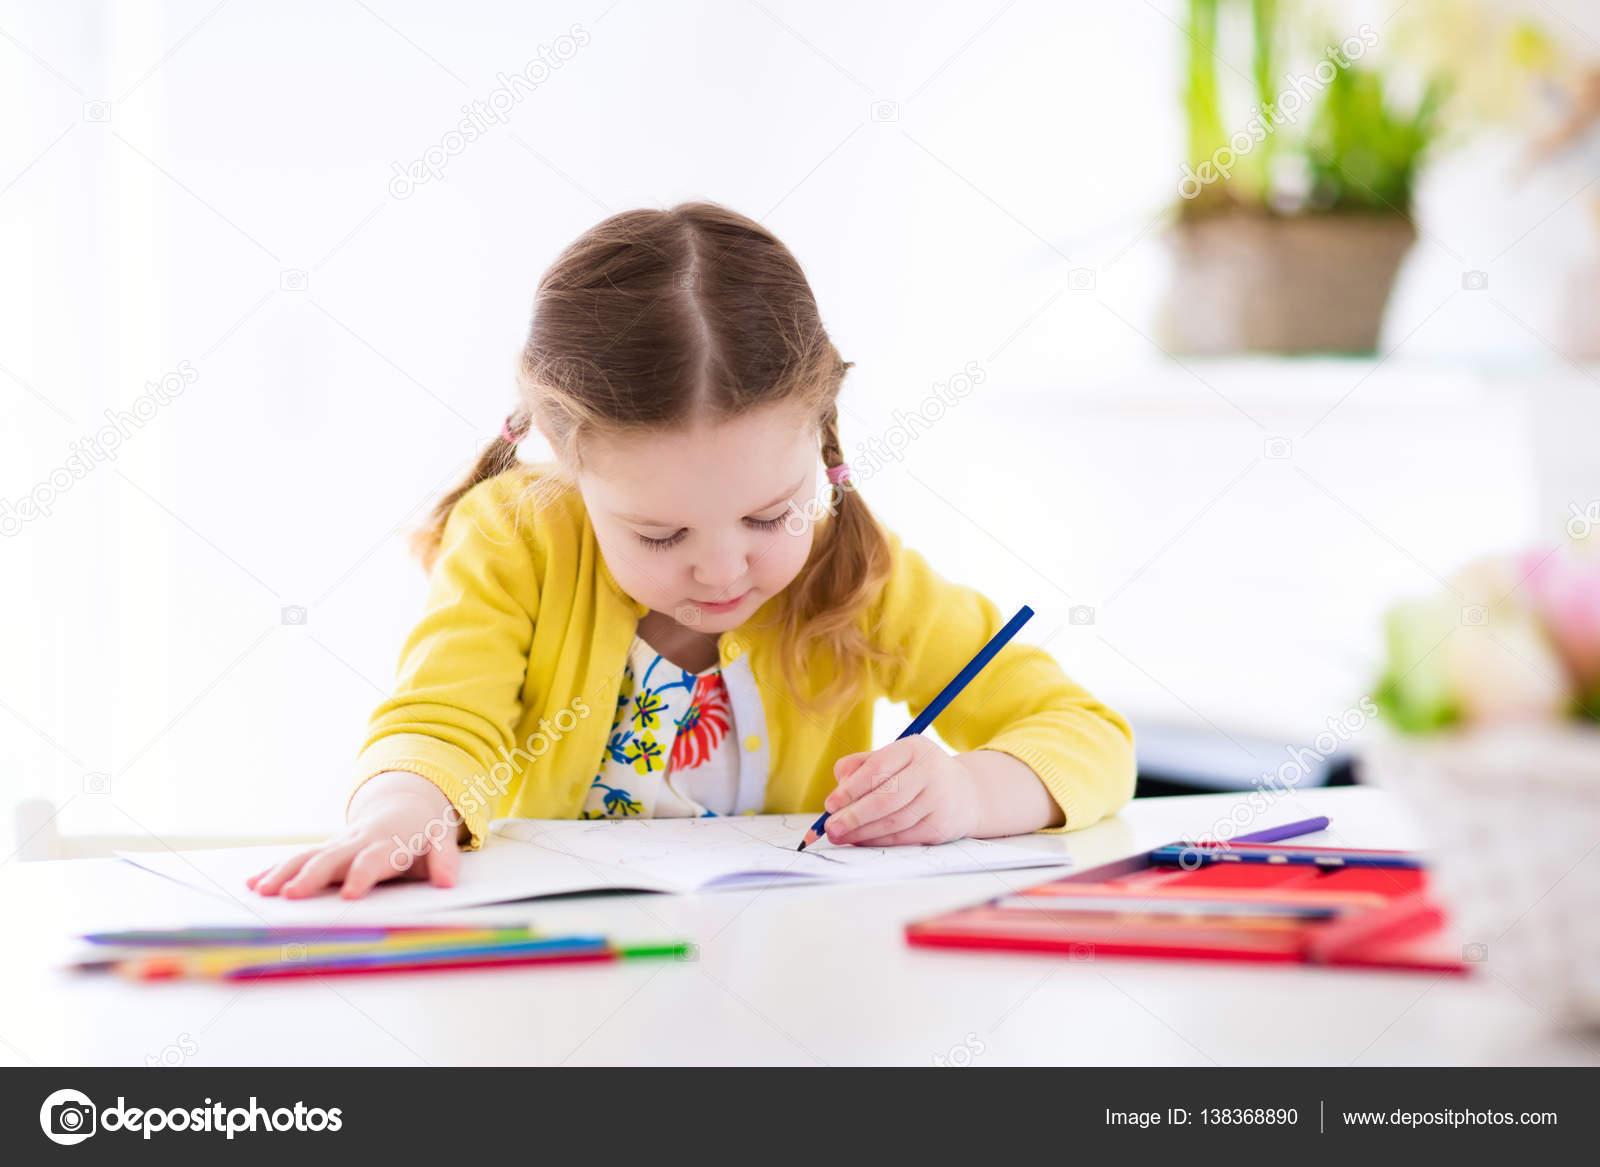 Fotos de Los niños leen, escriben y pintan. Niño haciendo ...